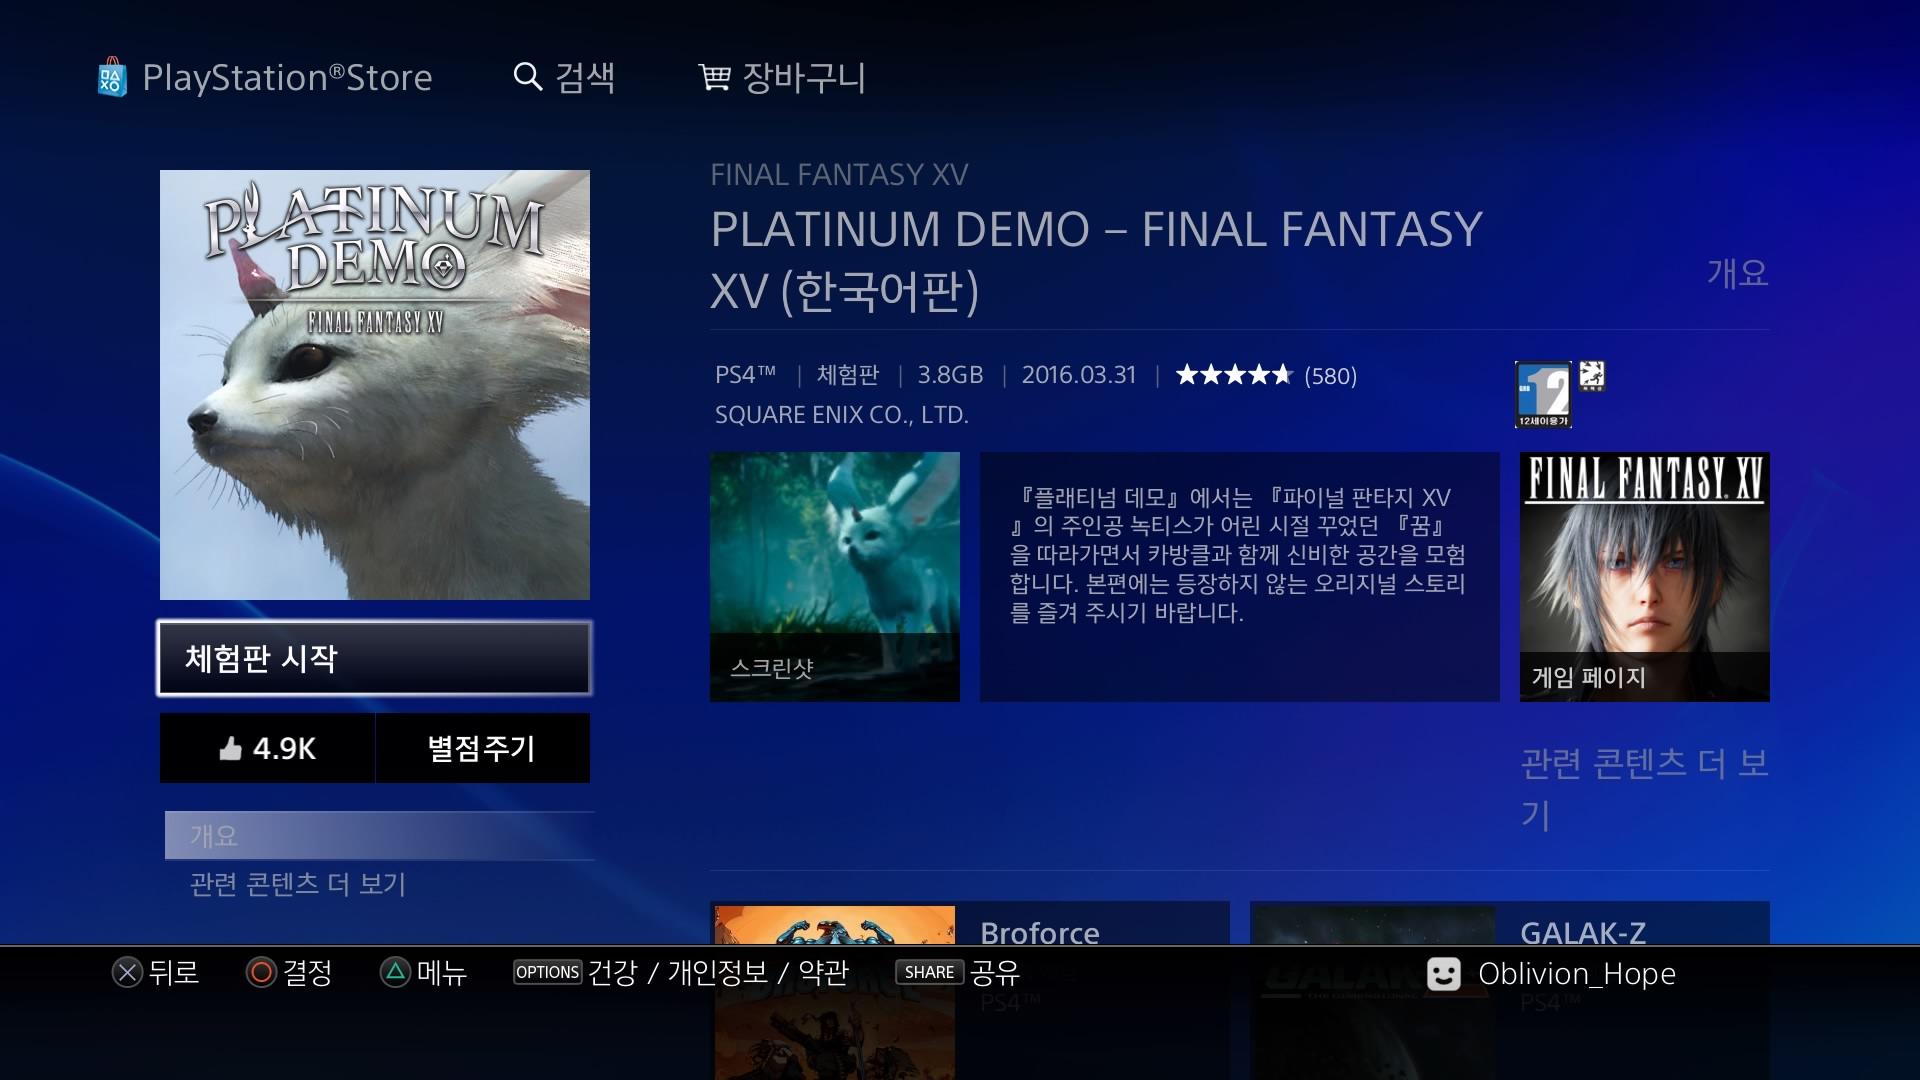 『파이널 판타지 15』 플래티넘 데모